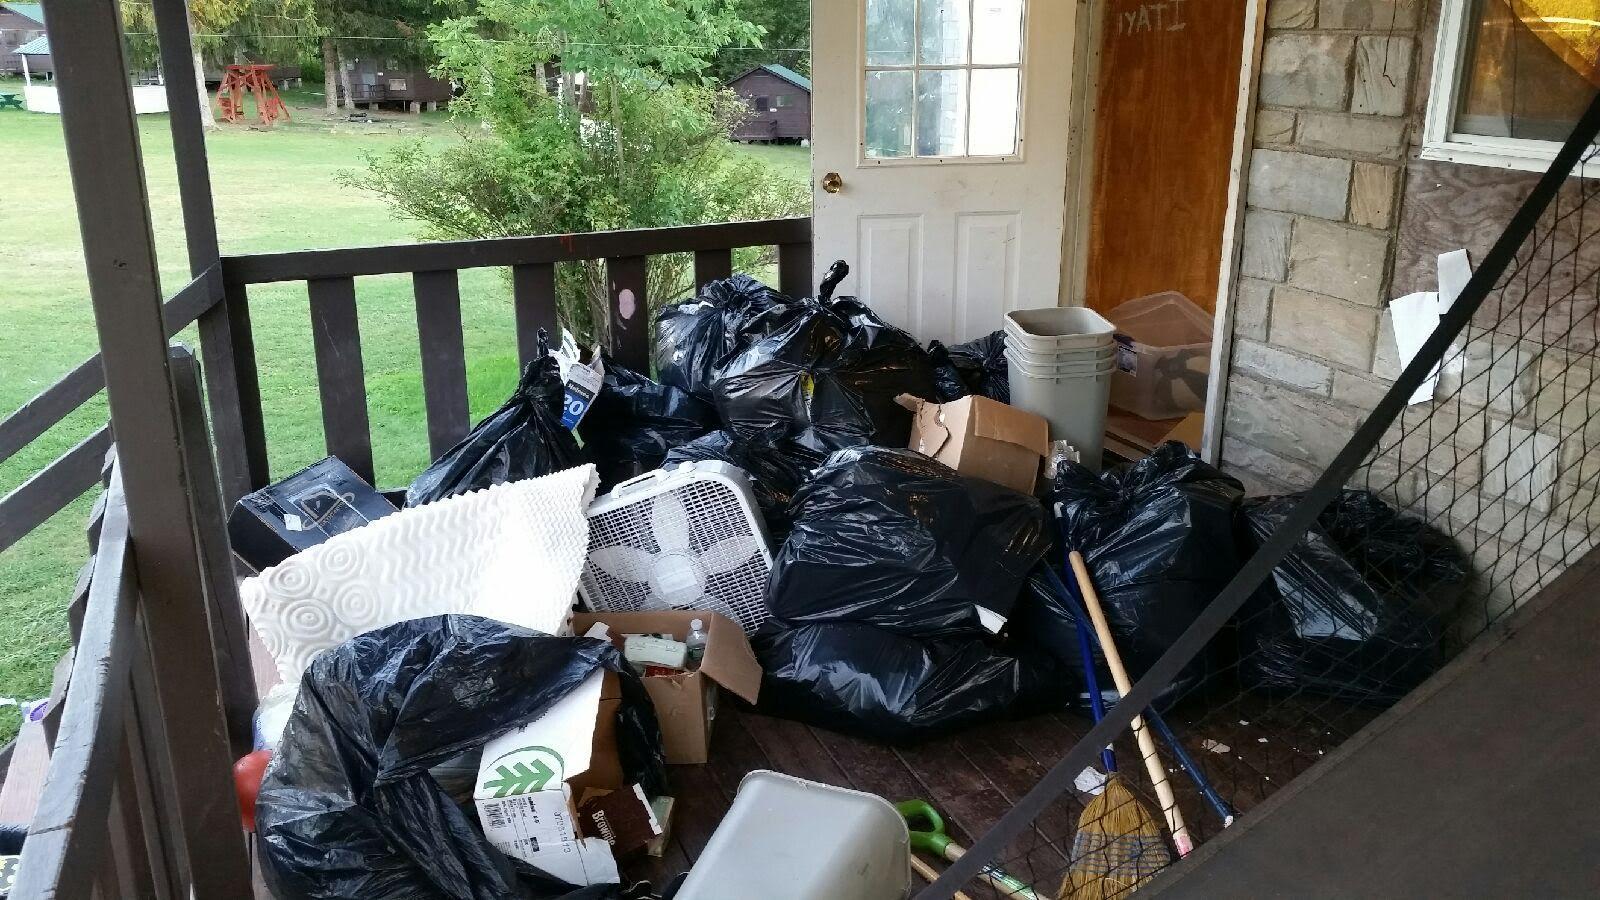 Sleepaway Camps, Leftover Stuff, and Halacha